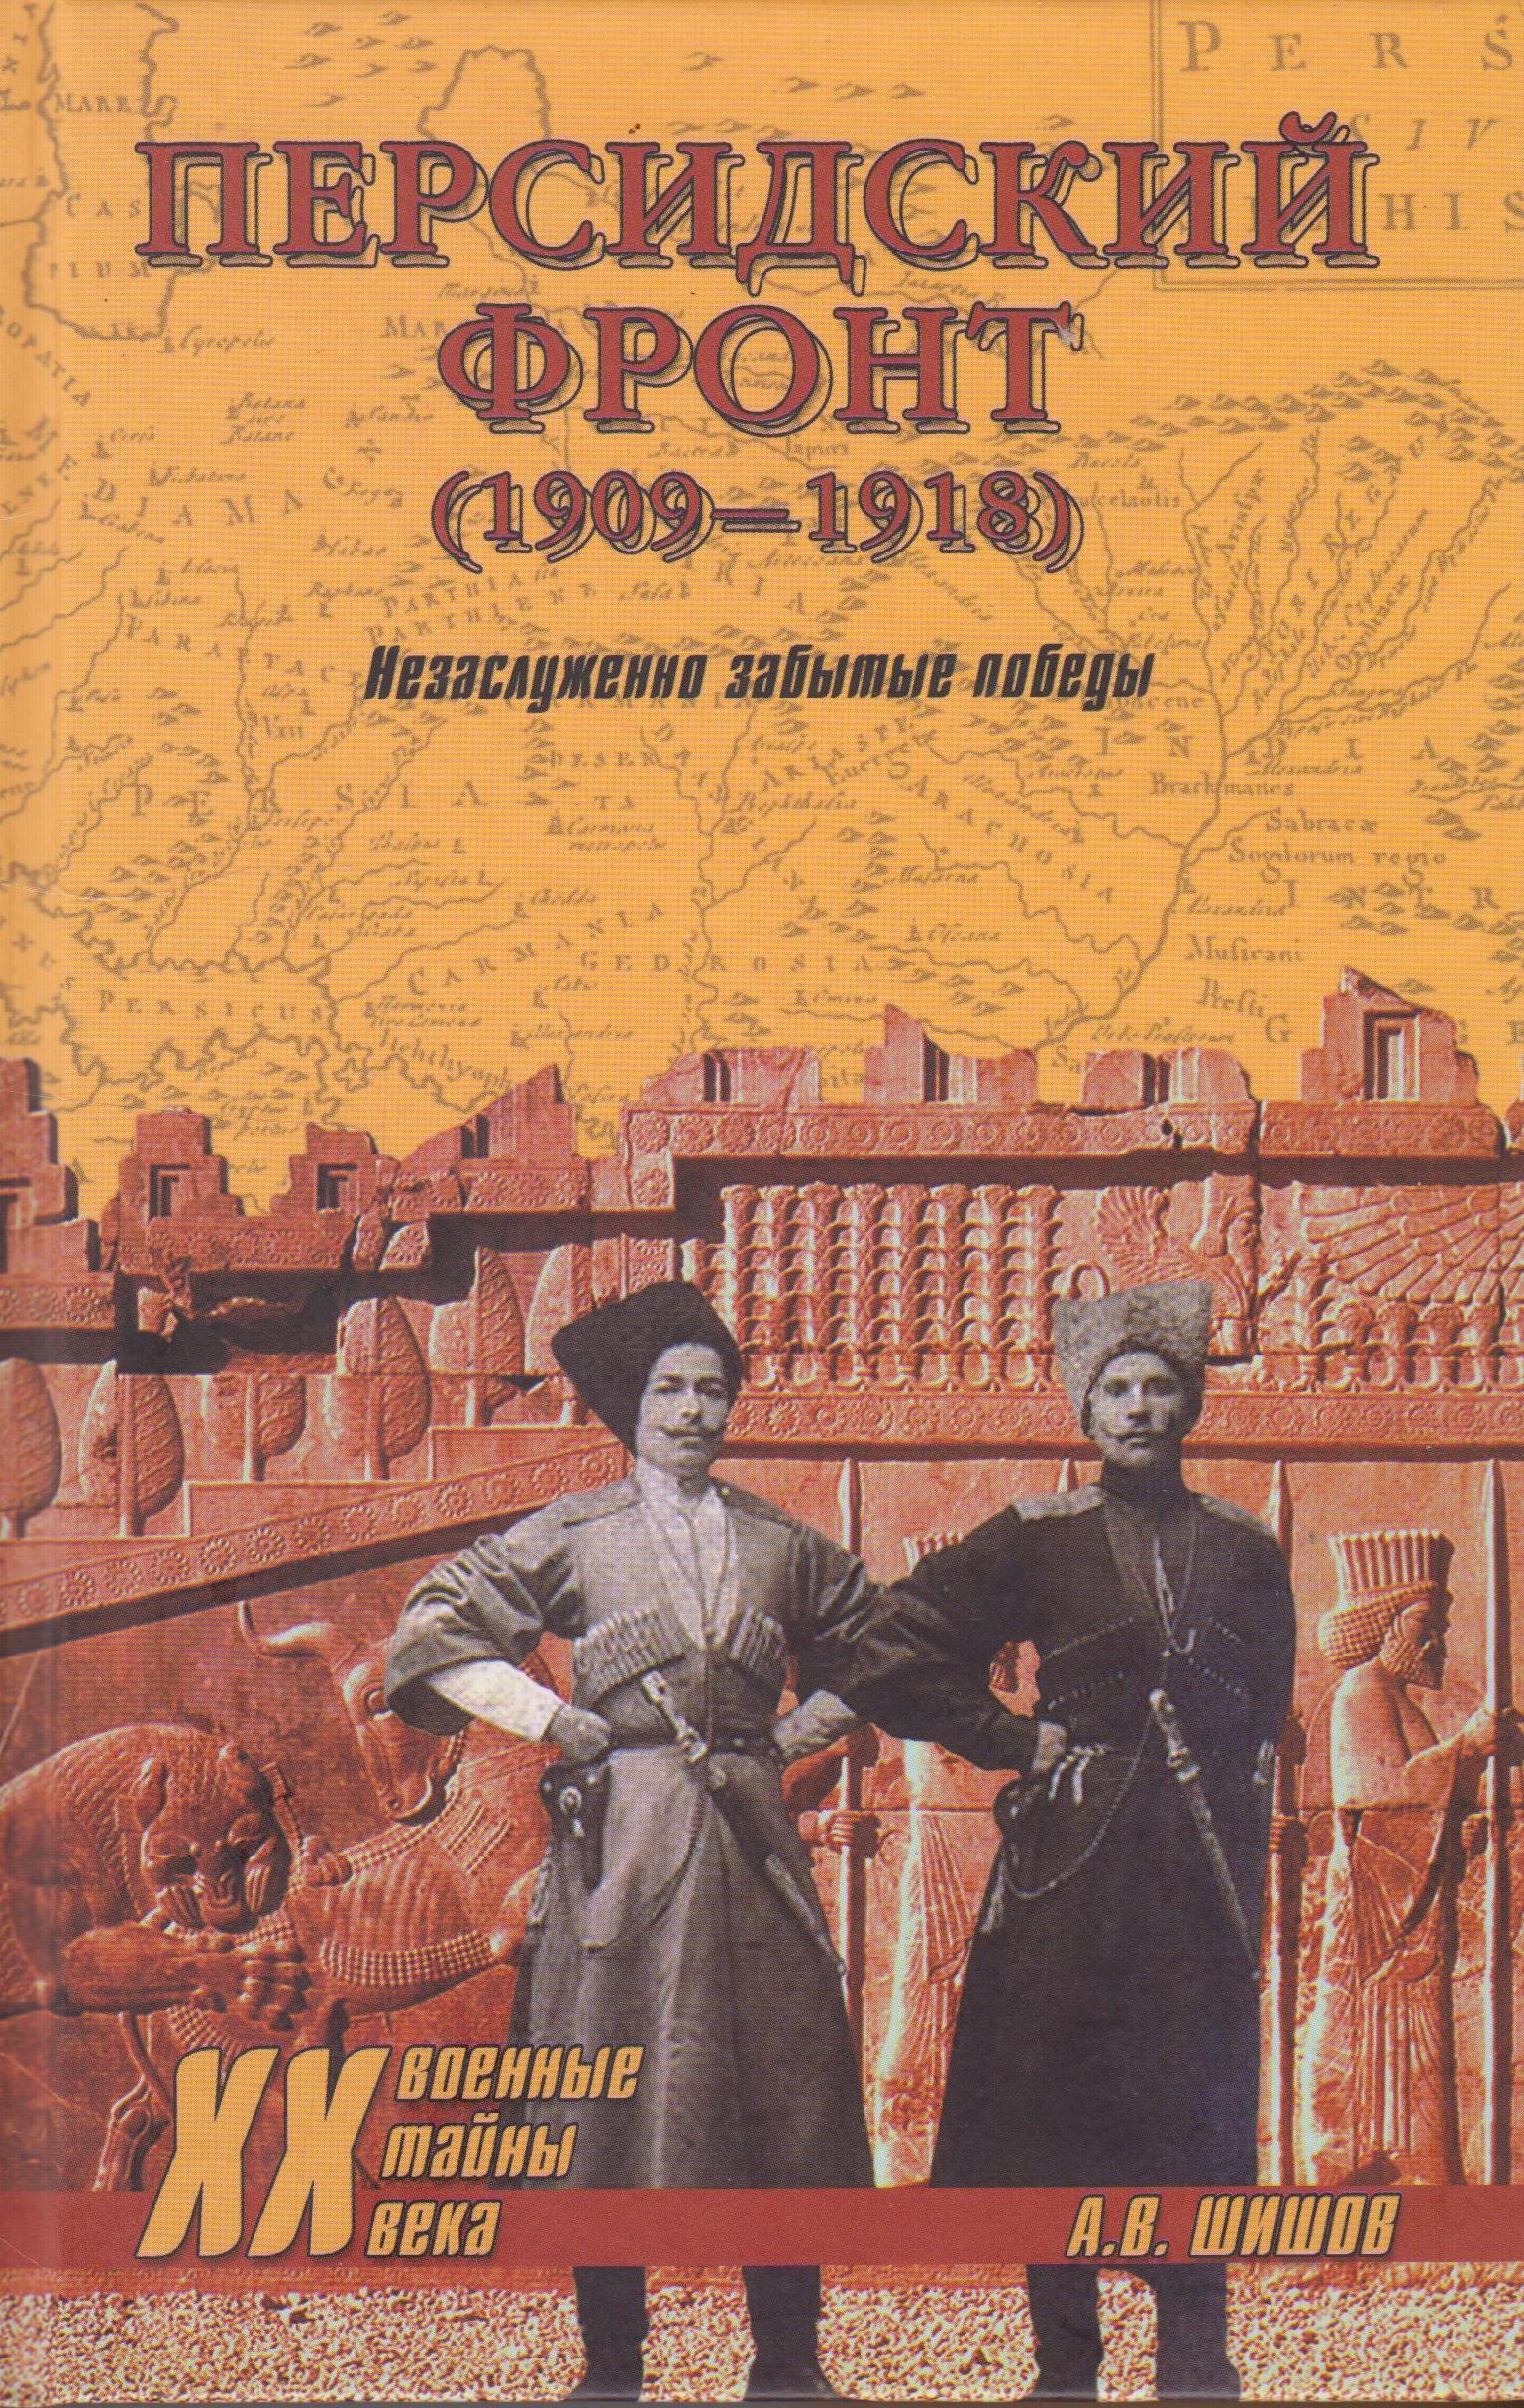 Шишов Алексей Васильевич Персидский фронт (1909-1918). Незаслуженно забытые победы